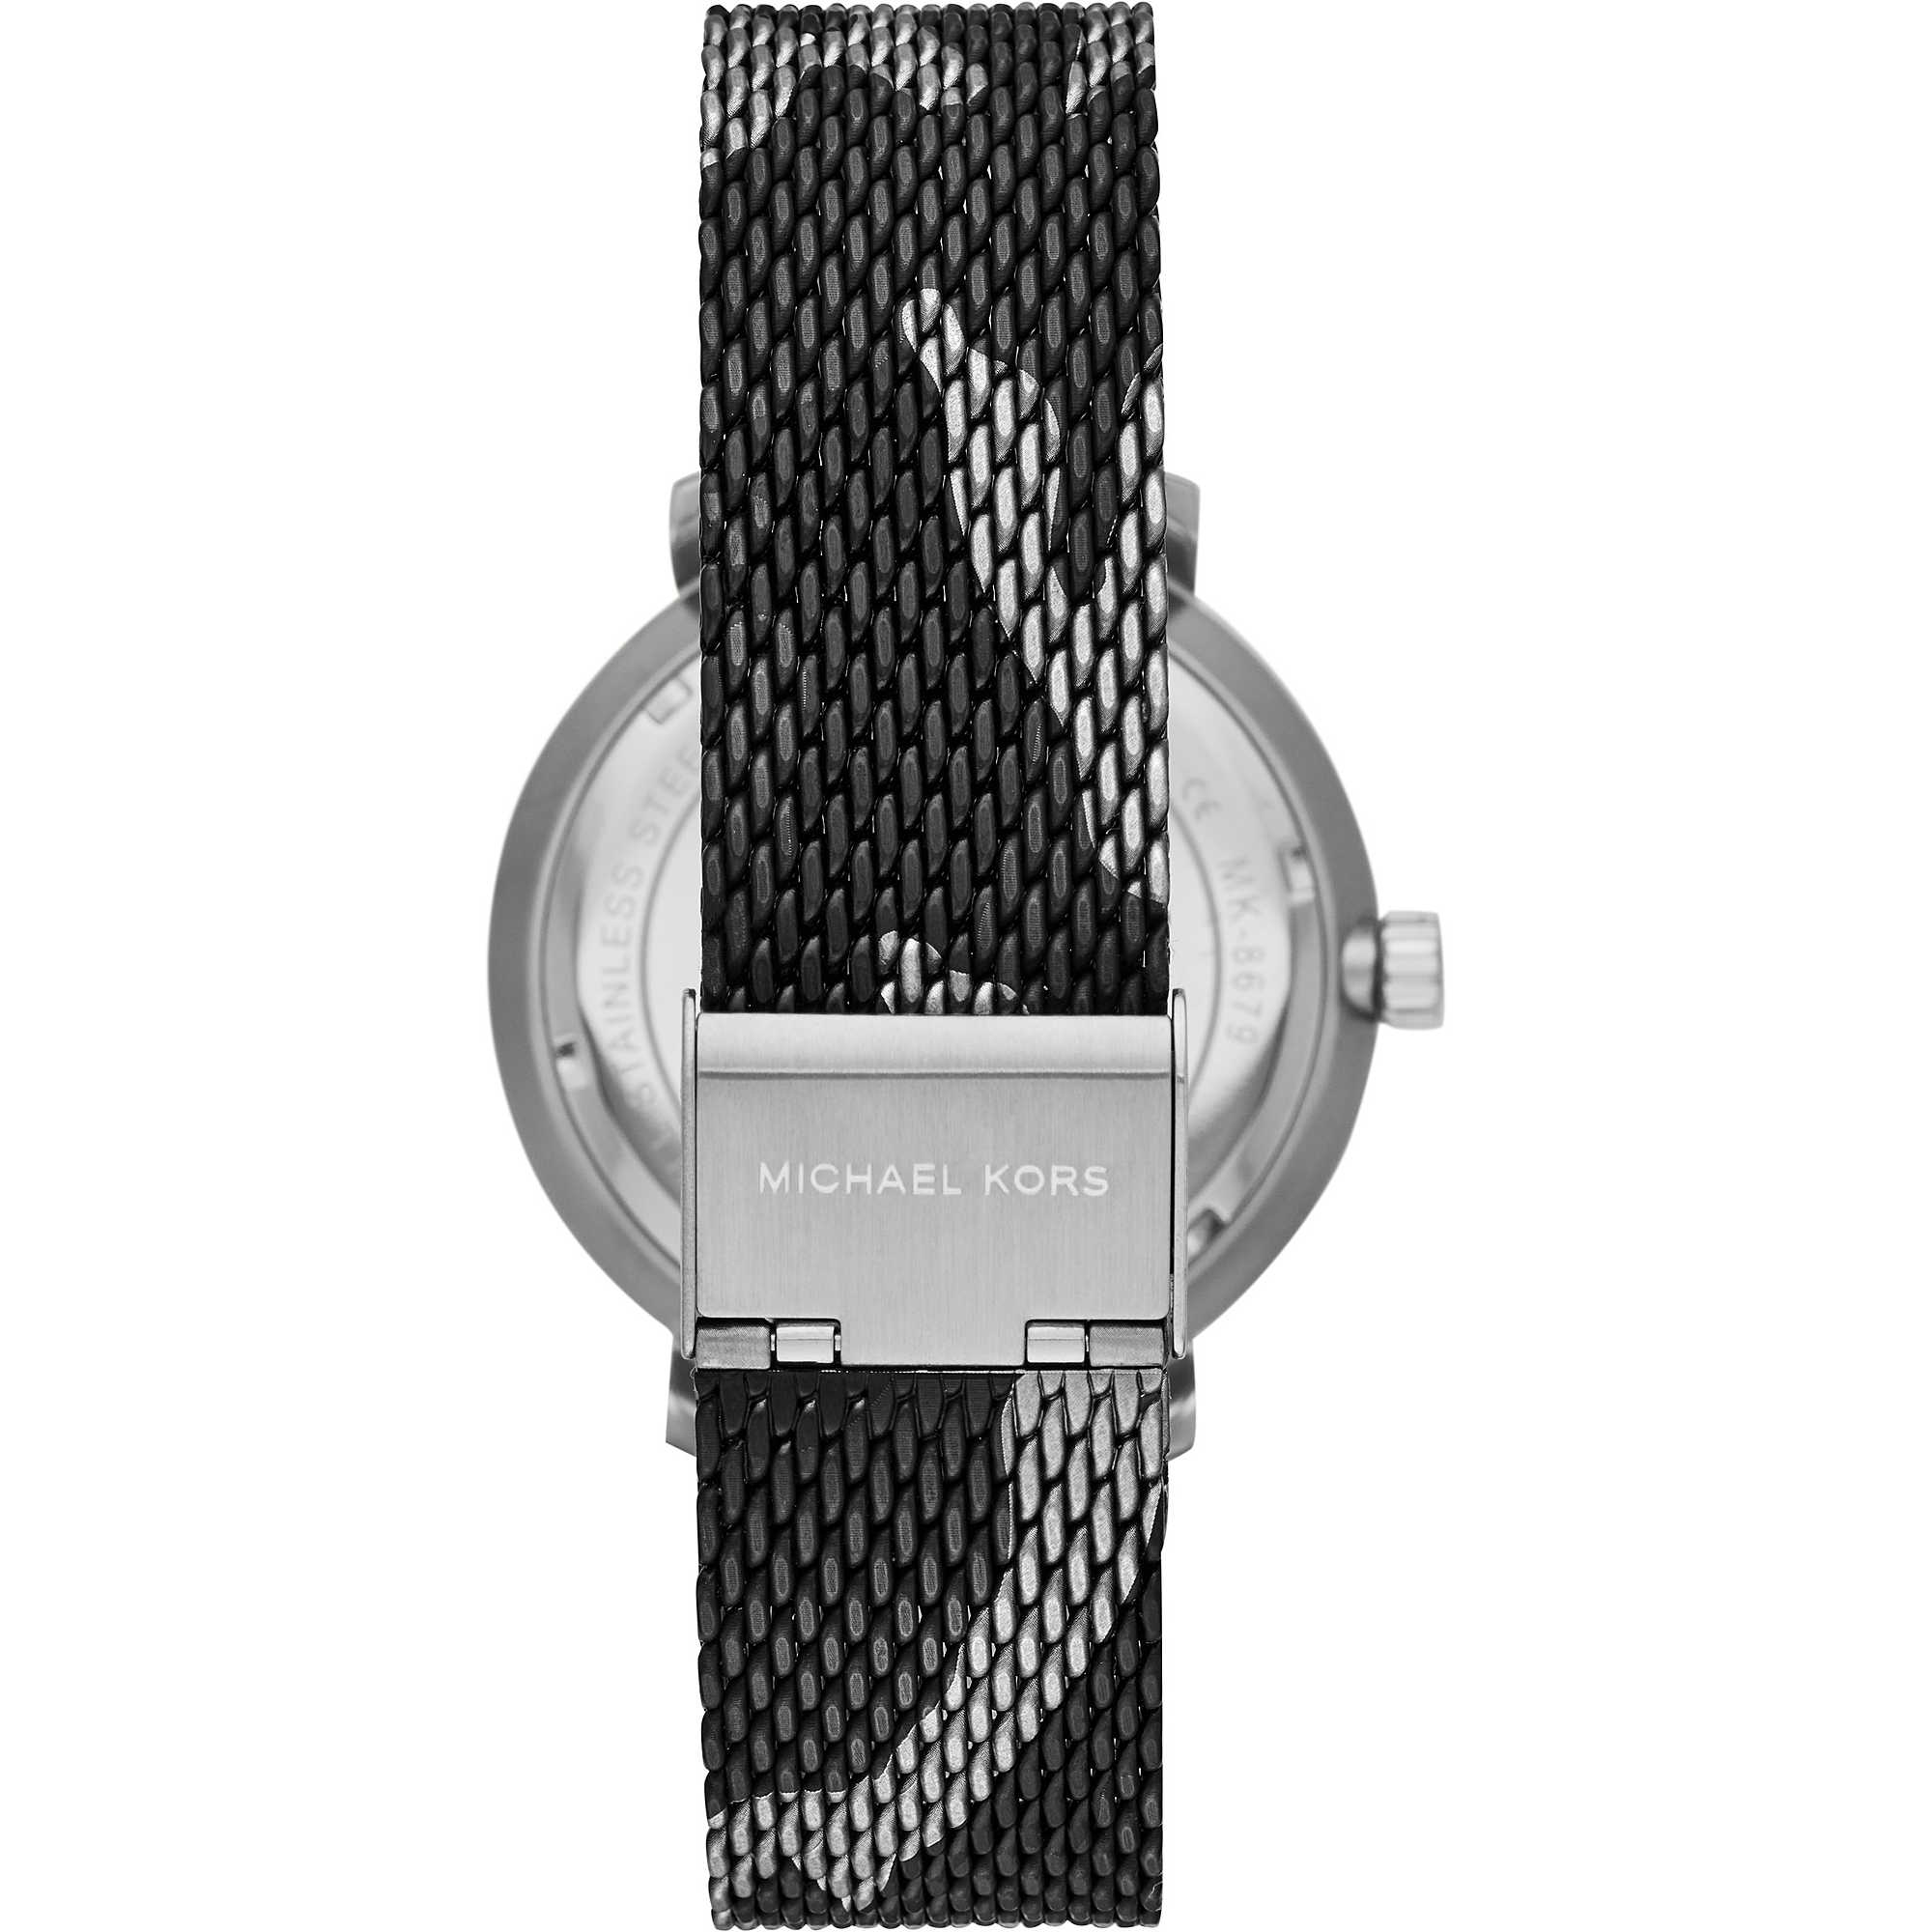 debac7b2c81f watch multifunction man Michael Kors Blake MK8679 multifunction ...